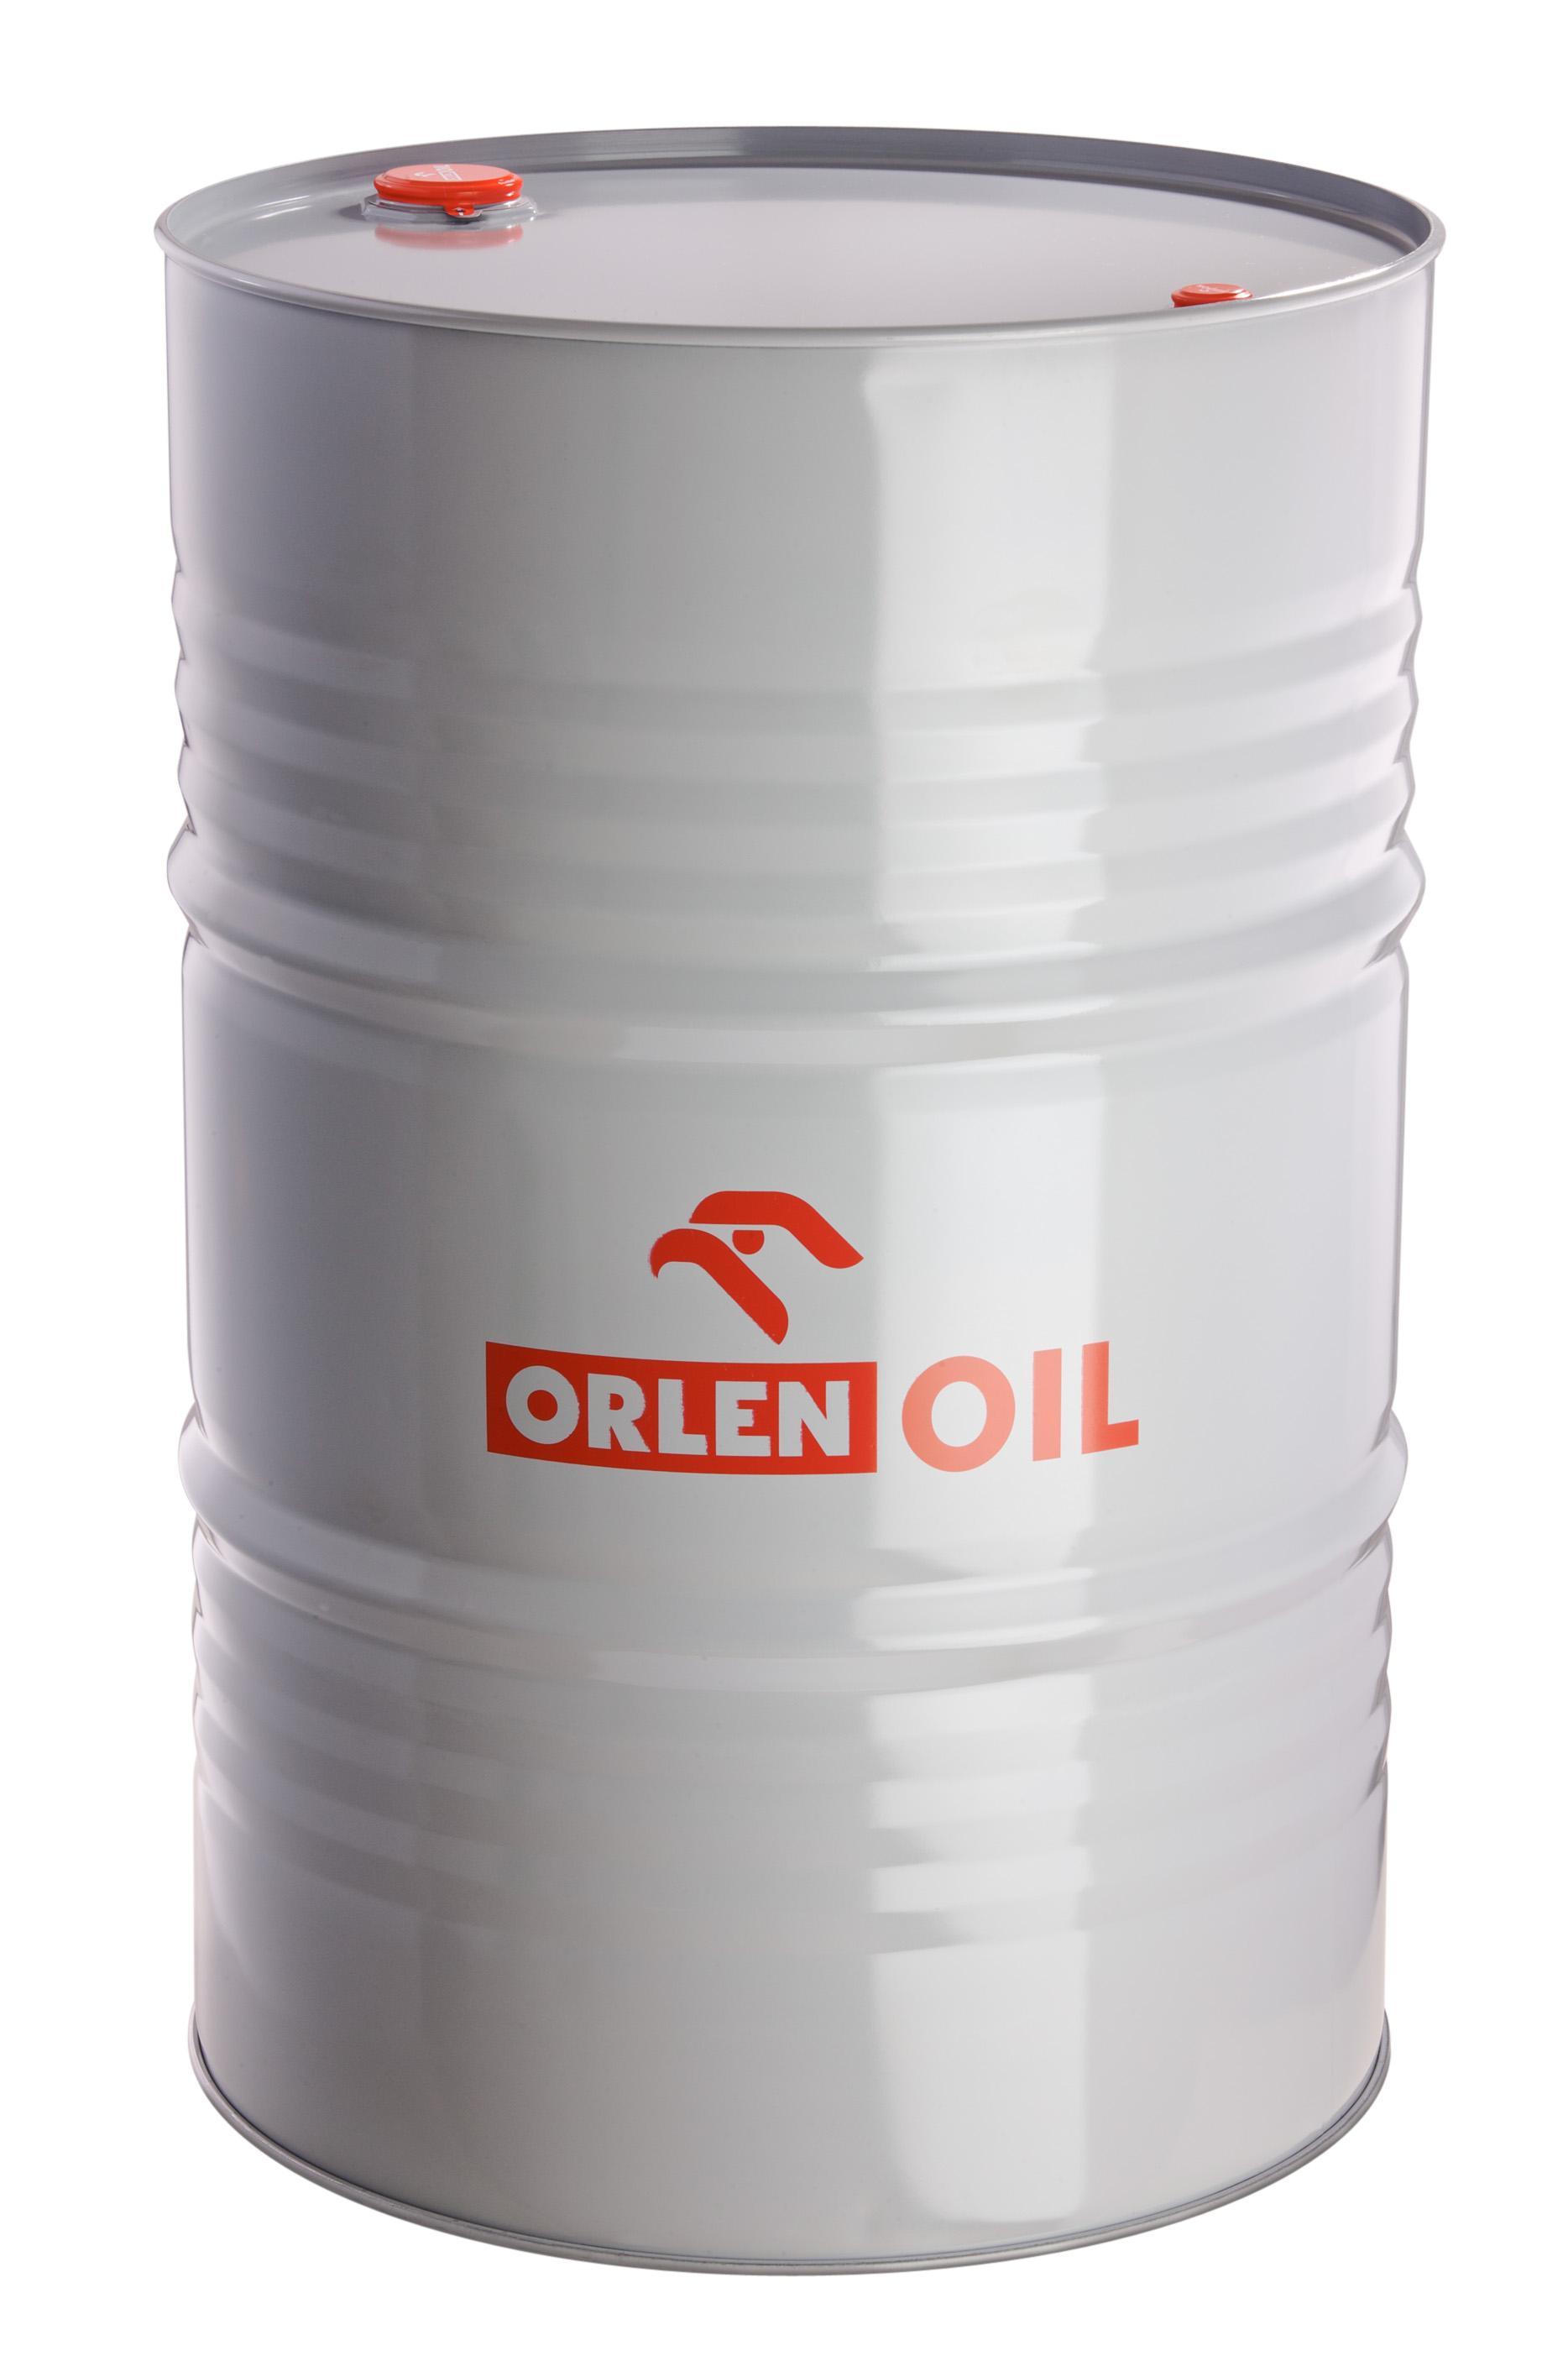 ORLEN OIL LITEN ŁT-41     DRUMS 180kg *